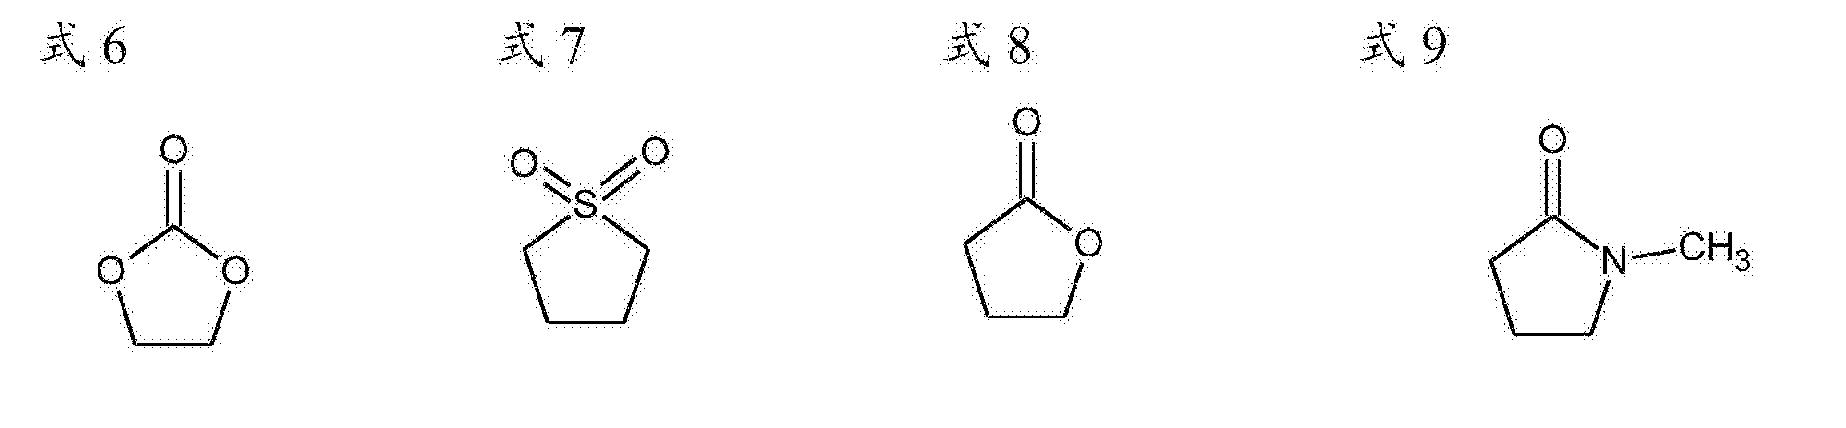 Figure CN102046808BD00123